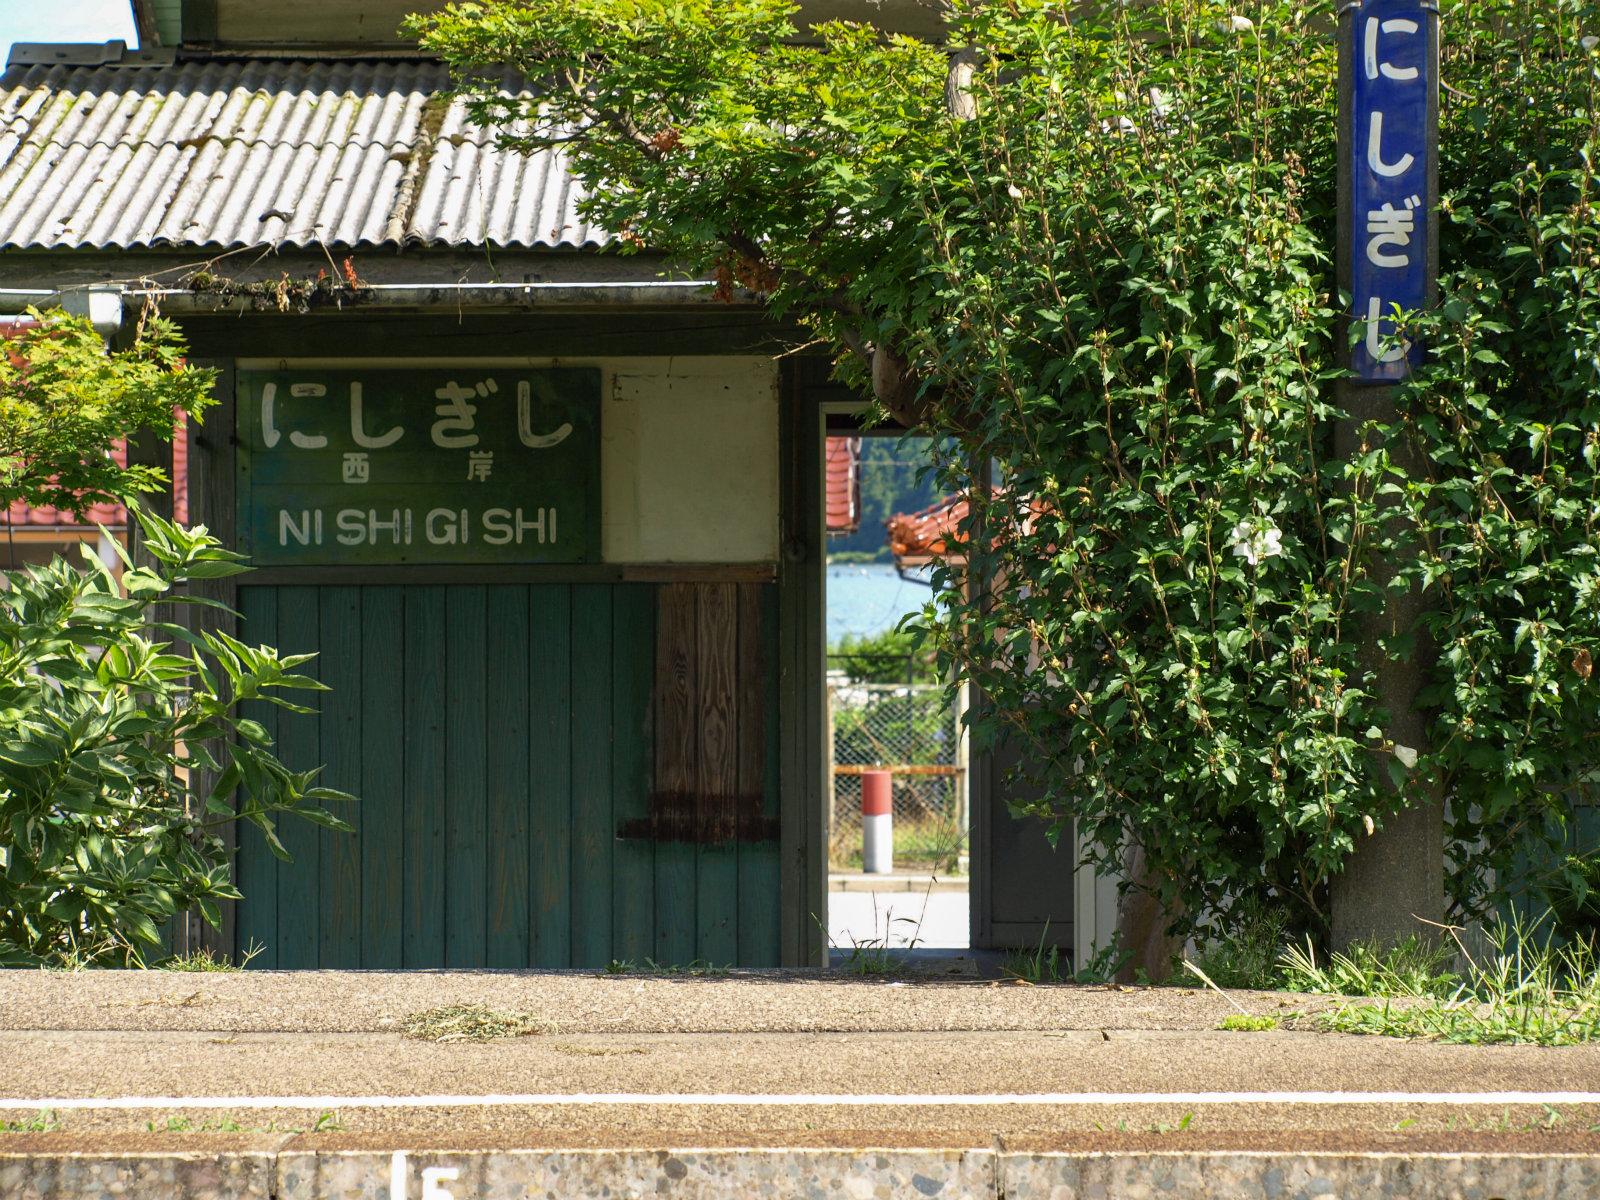 駅舎のドア越しにも七尾湾がちらり。